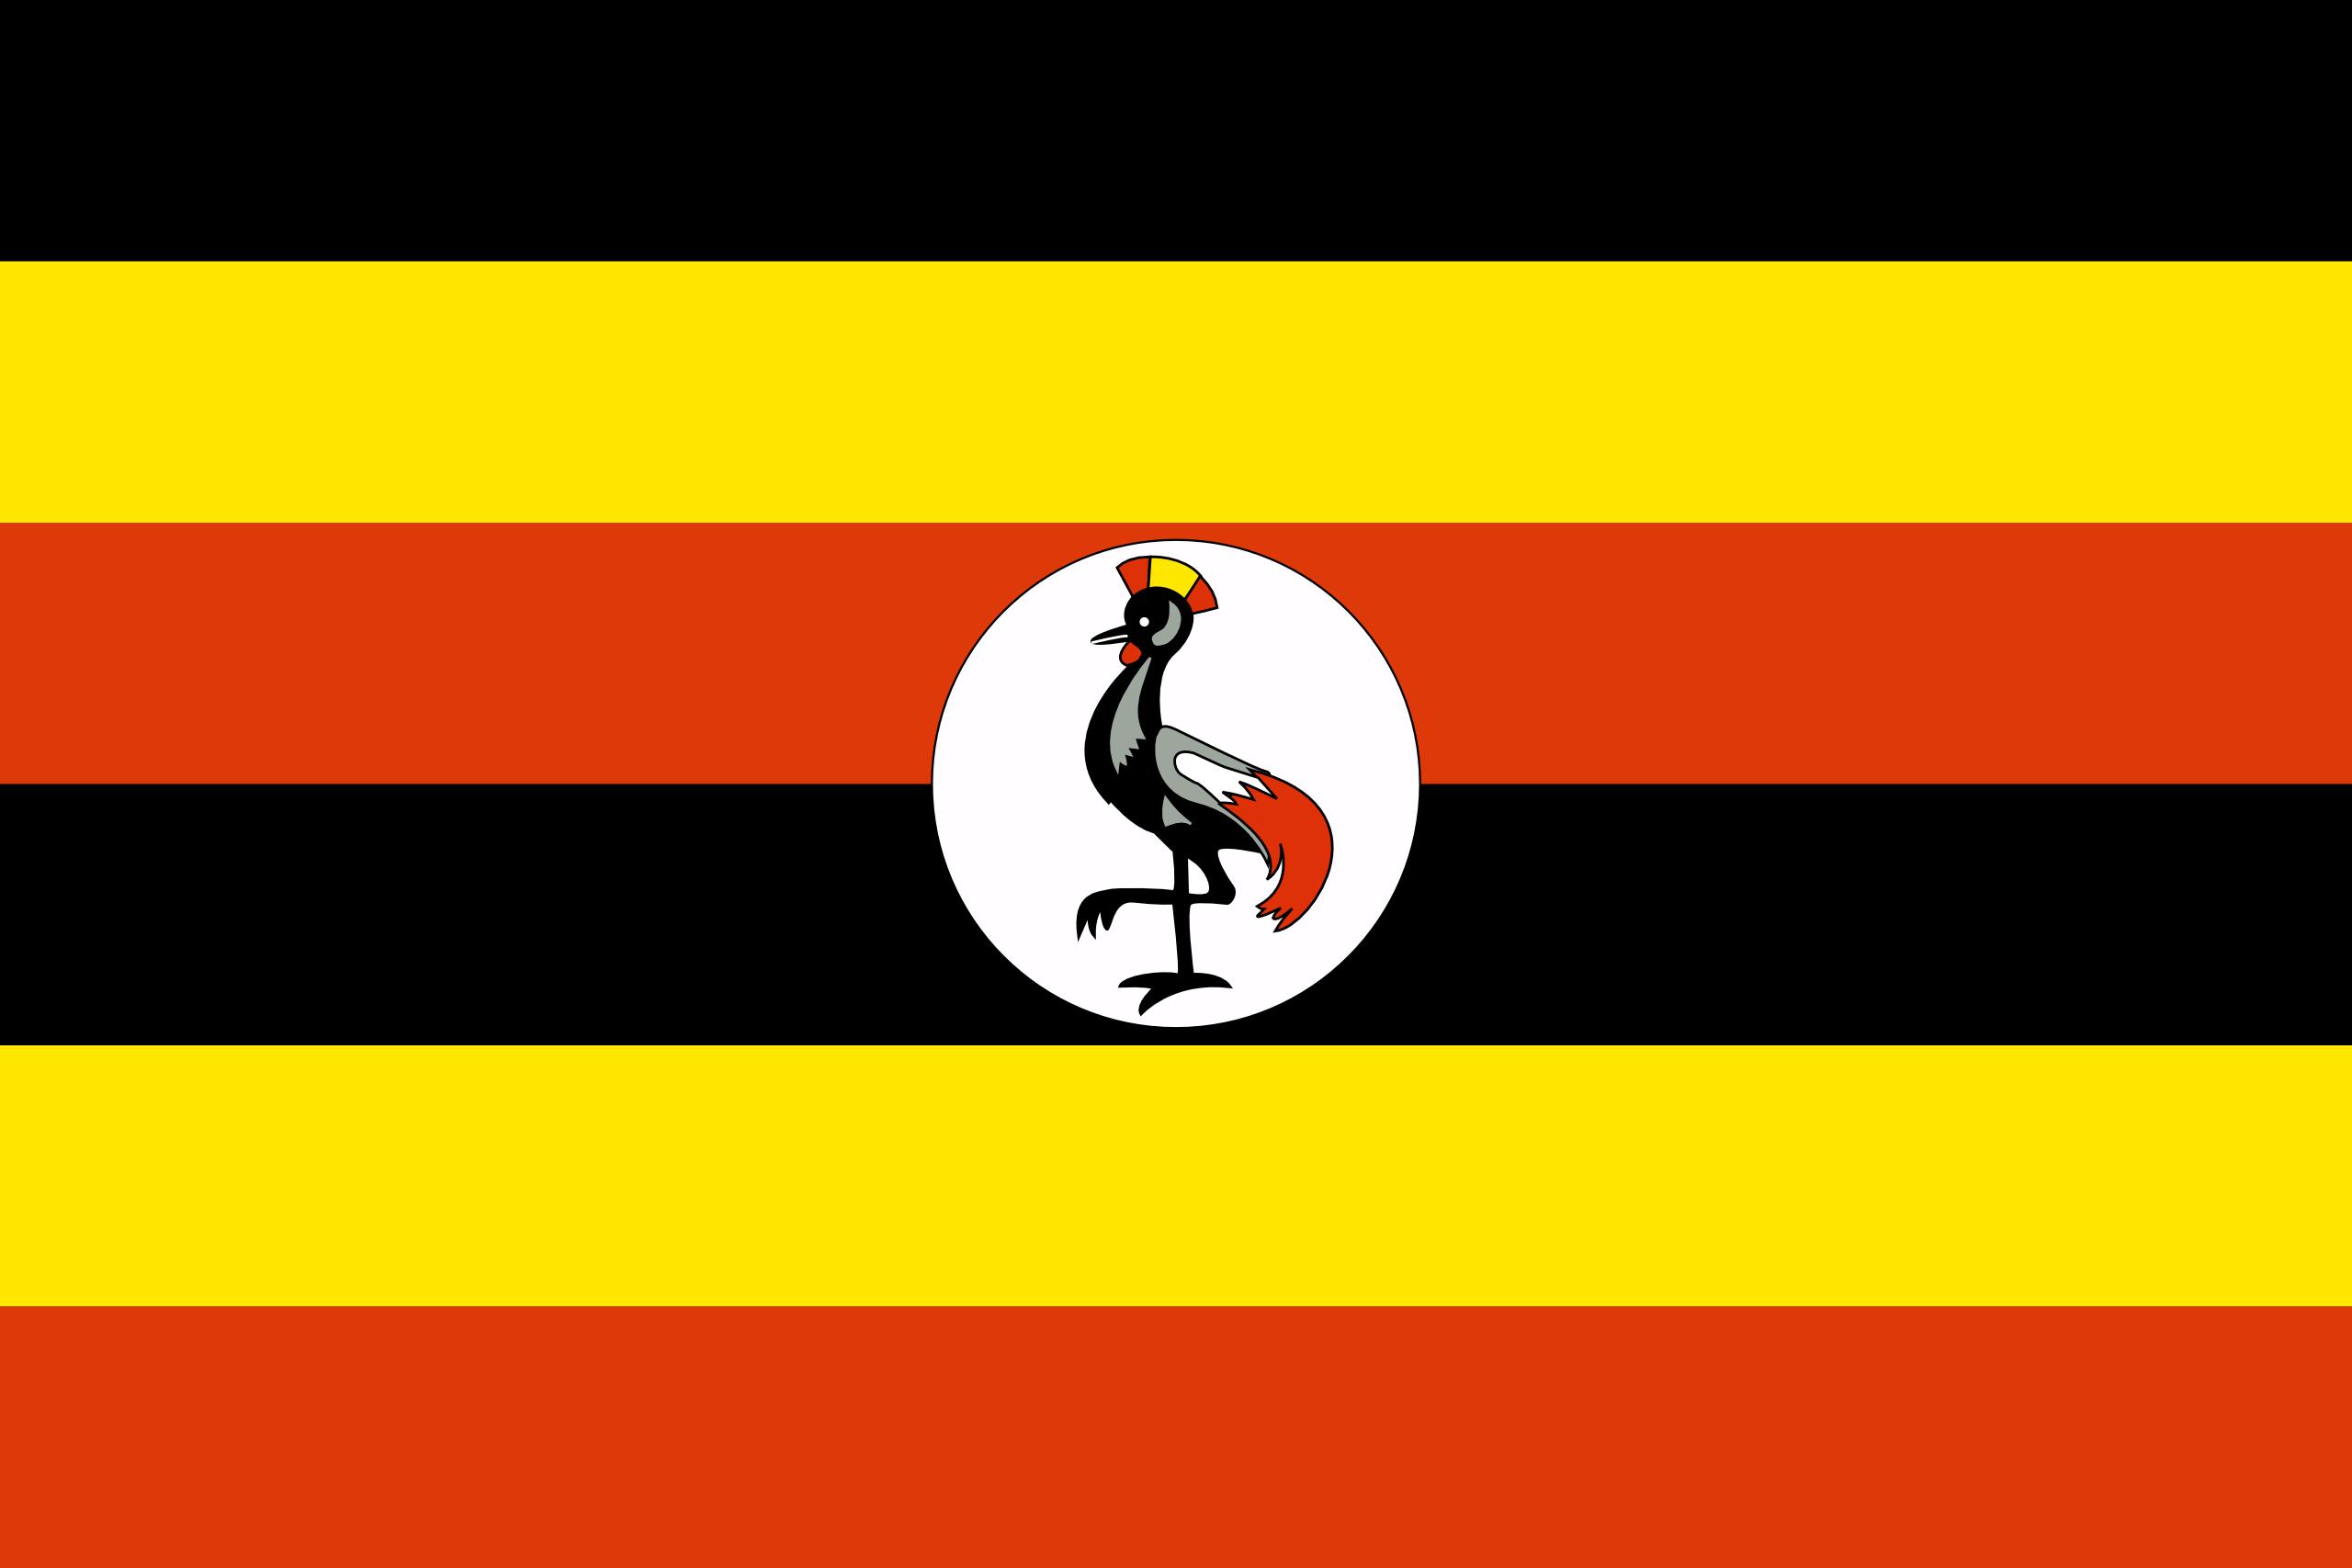 乌干达, 国家, 会徽, 徽标, 符号 - 高清壁纸 - 教授-falken.com